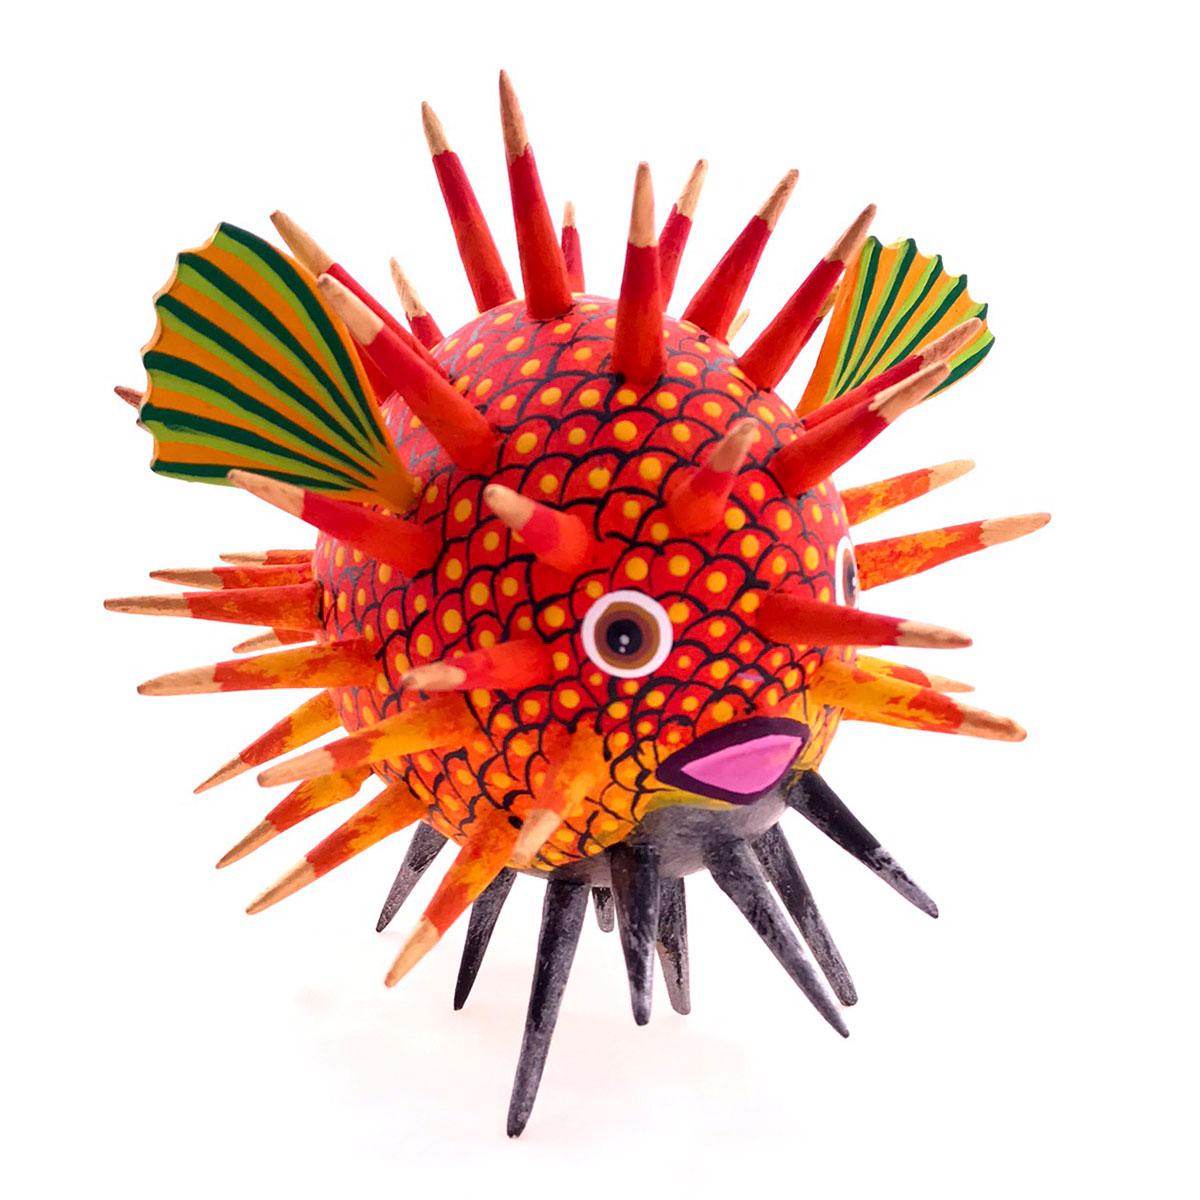 Gaspar Calvo Gaspar Calvo: Orange Whimsical Puffer Fish Fish